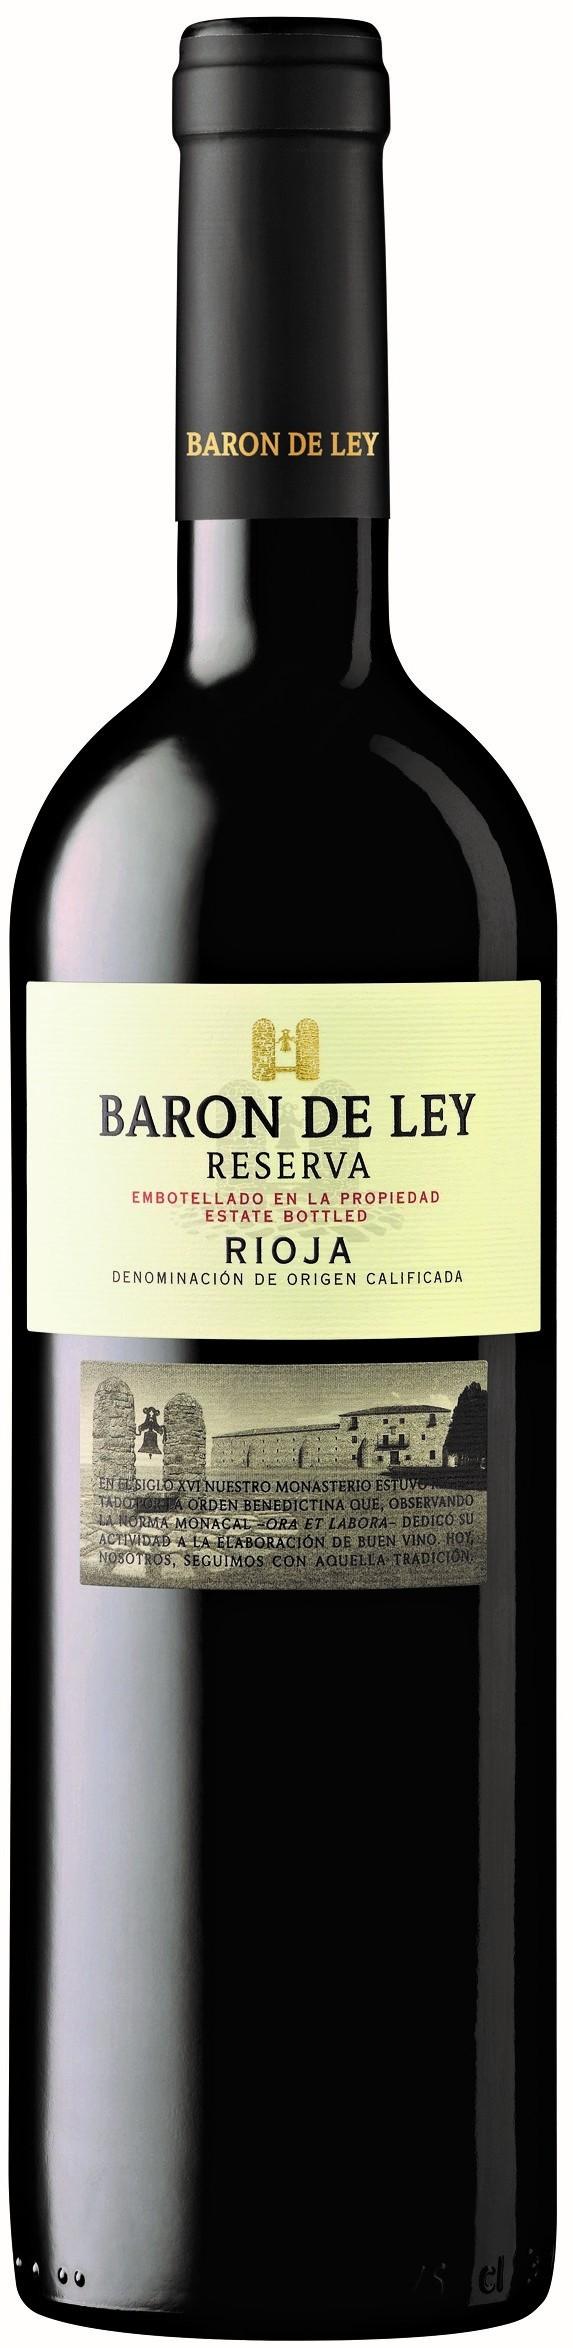 Barón de Ley - Reserva - España - 2013